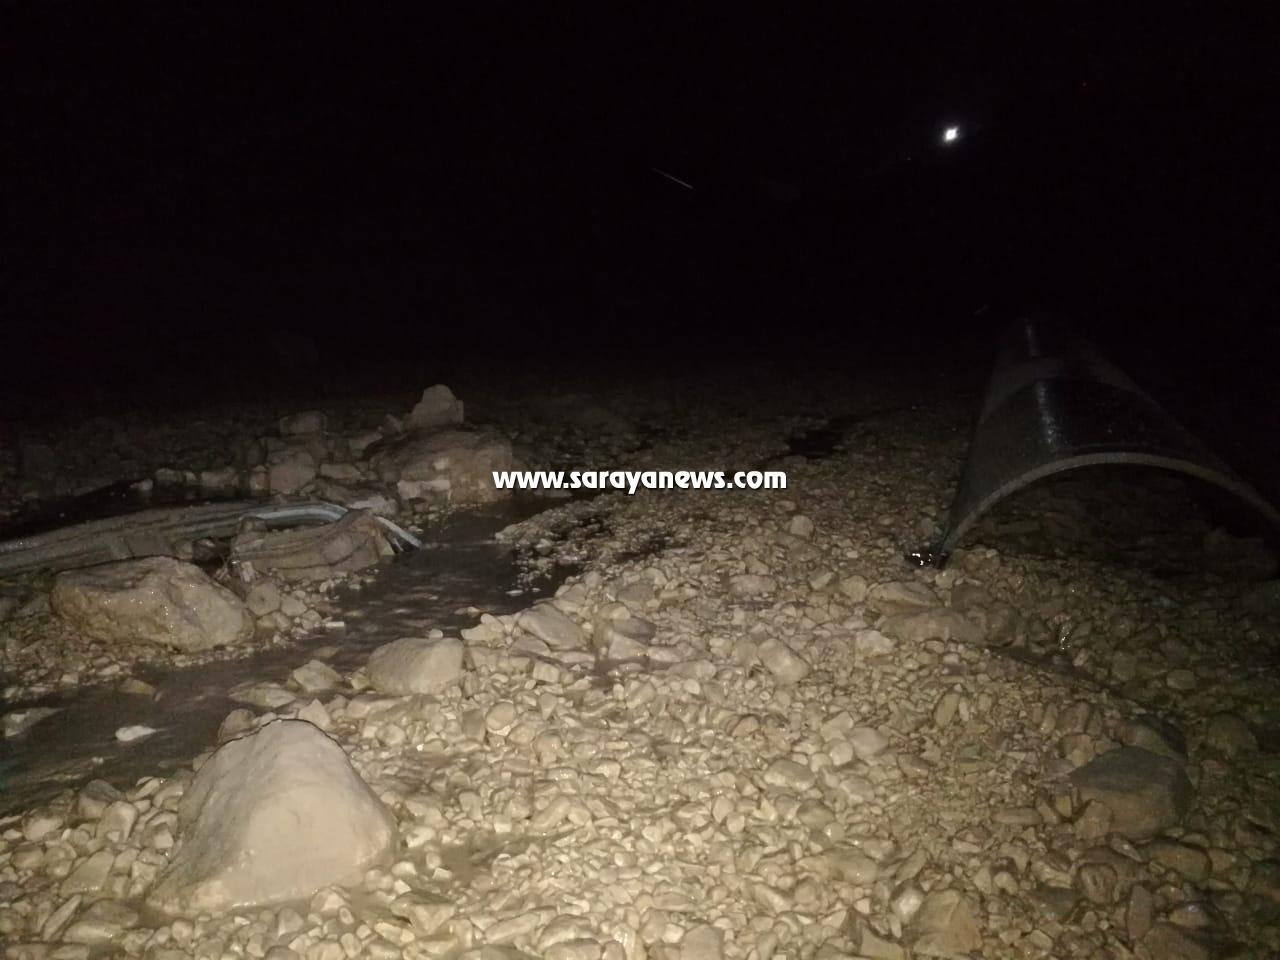 بالصور .. الأغوار الشمالية: مياه الأمطار تداهم مركبة وإصابة شخص